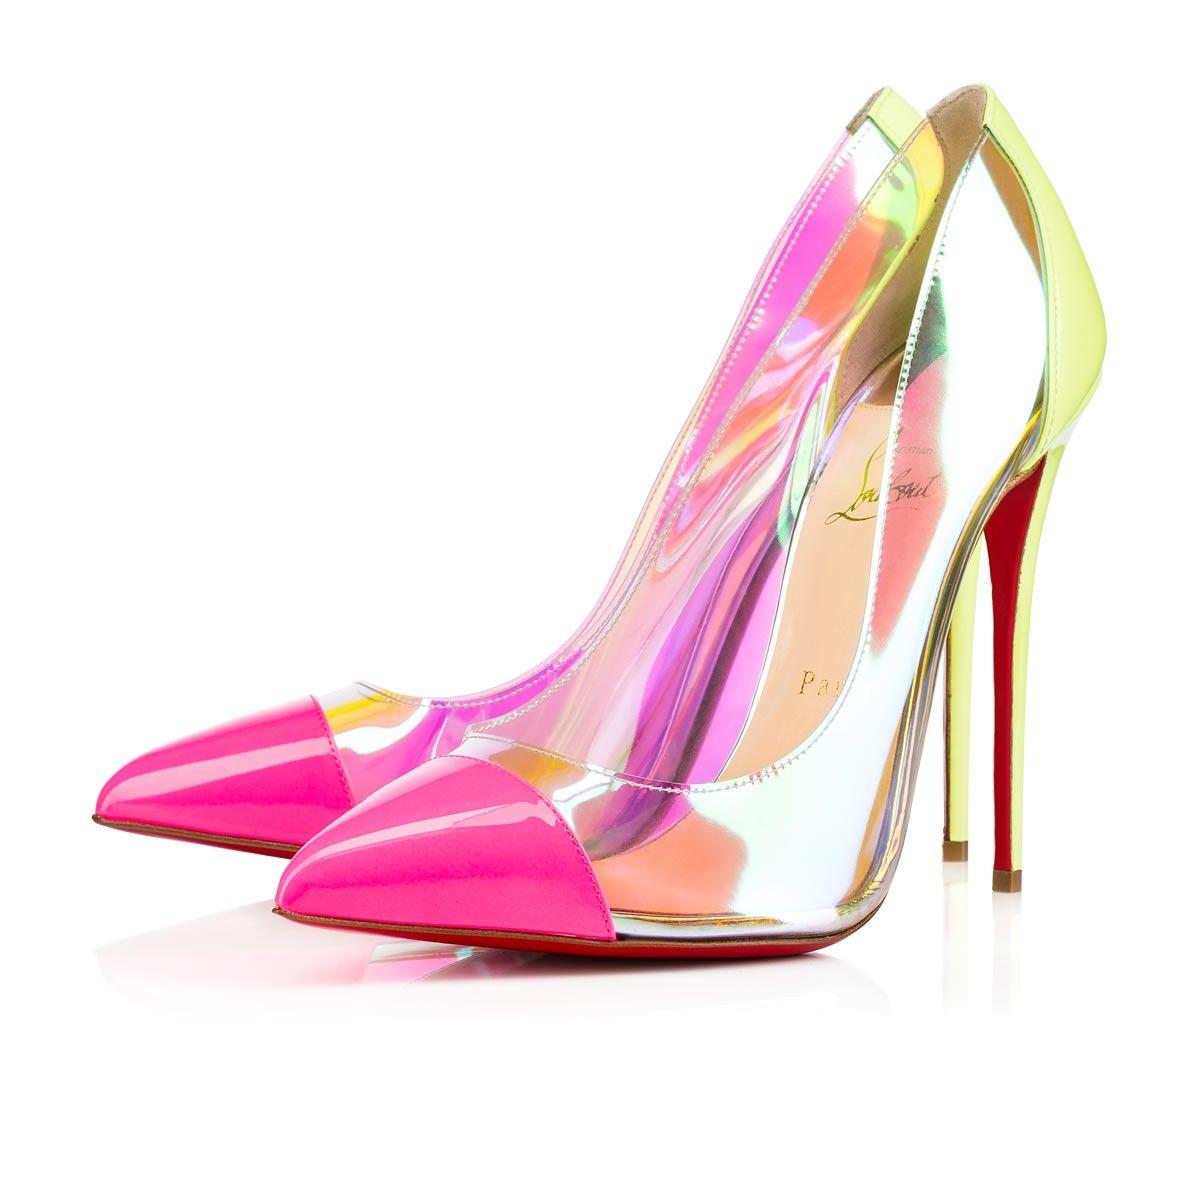 854a1ce1d1c0 Christian Louboutin Peep Toe Pumps   Christian Louboutin Outlet USA Cheap  Christian Louboutin Shoes